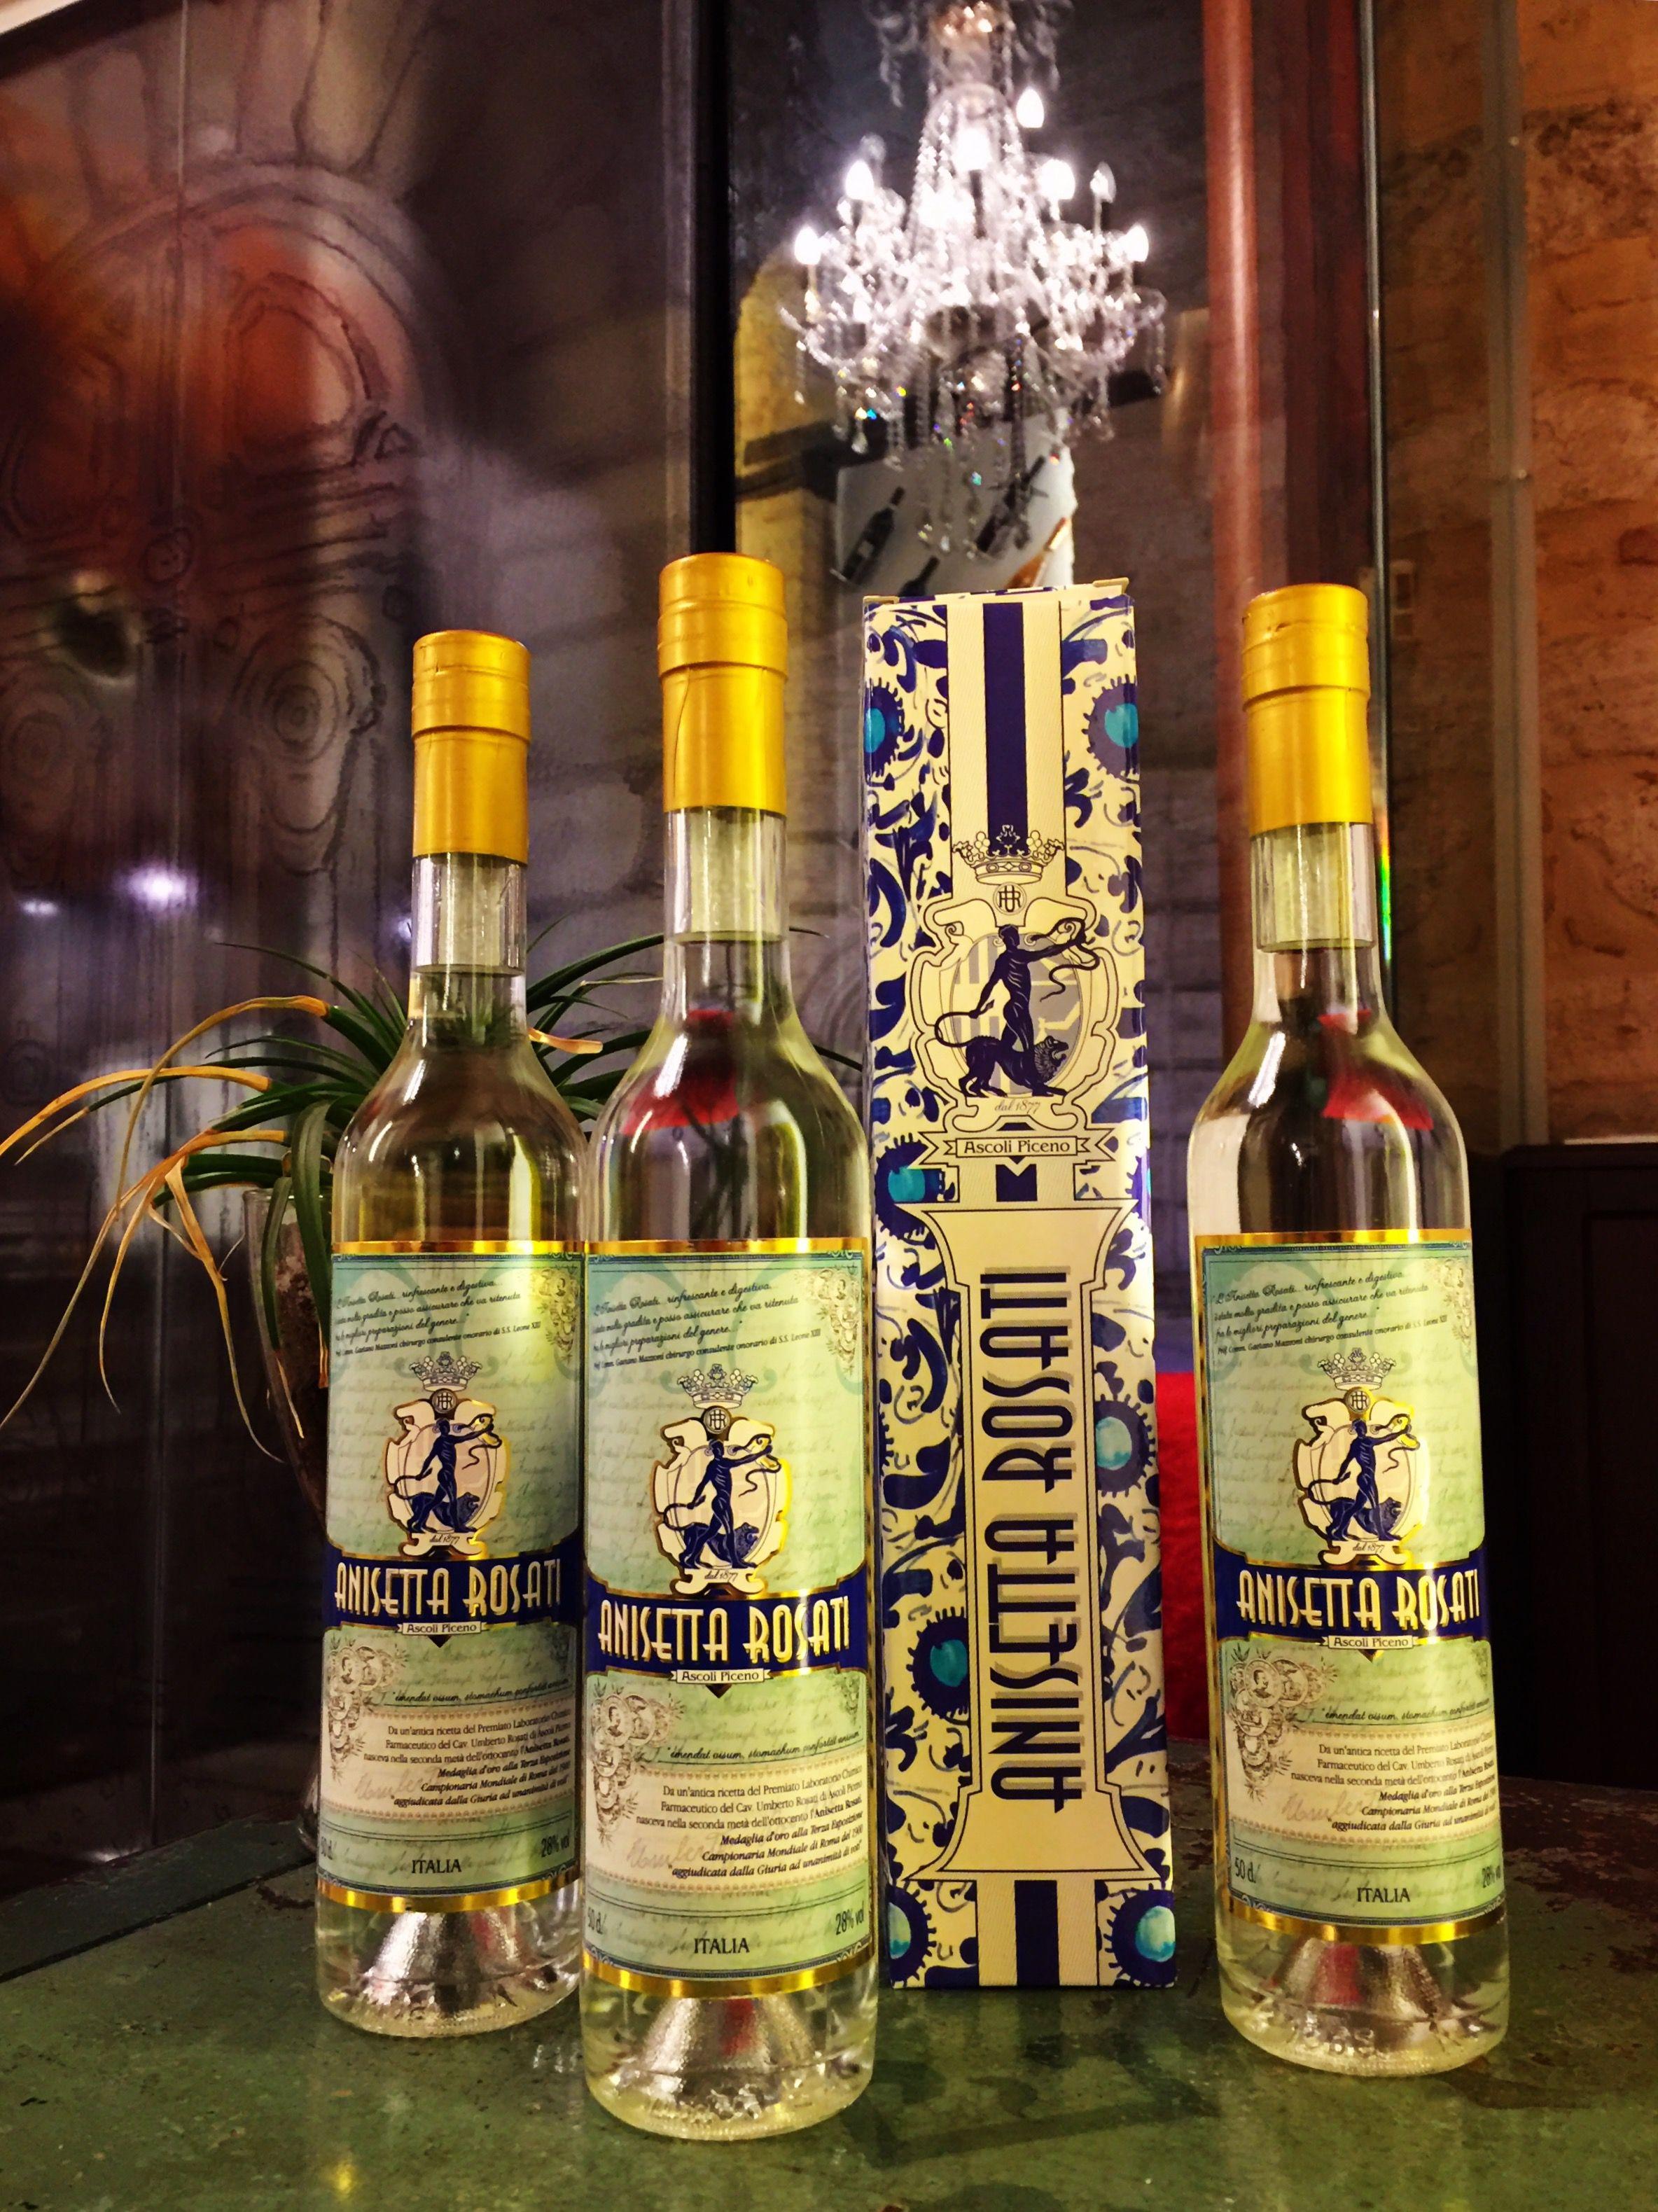 """⚜""""Il Portone ~ Boutique del Gusto""""⚜ #EnricoMazzaroni live @ #IlPortone #PiazzaVentidioBasso #AscoliPiceno  #EnricodelTiglio #AnisettaRosati #RiservaLeoneXIII #Picenoshire #Anisetta #AnisettaRosati1877 #Marcheshire   #cocktails #craftcocktail #mixologist #cltdrinks  #AnisettaRosatiRiservaLeoneXIII"""